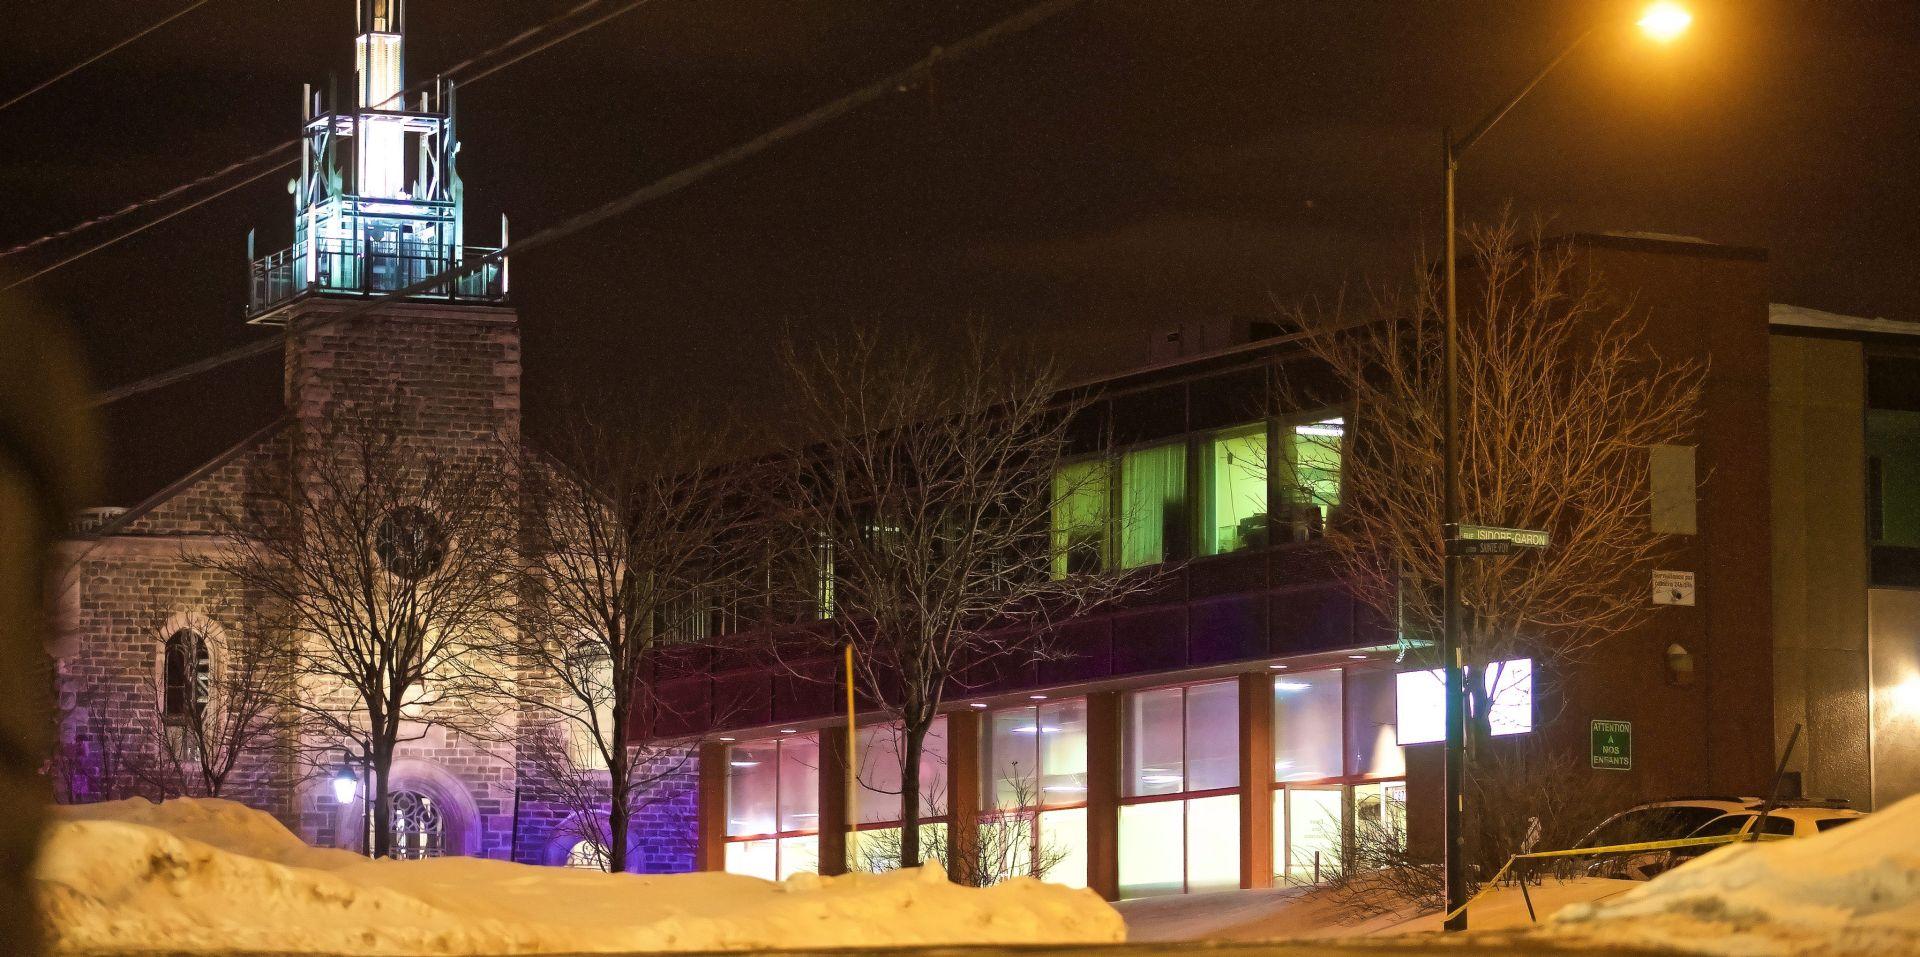 Napadač u džamiji u Quebecu optužen za teška ubojstva i pokušaje ubojstava